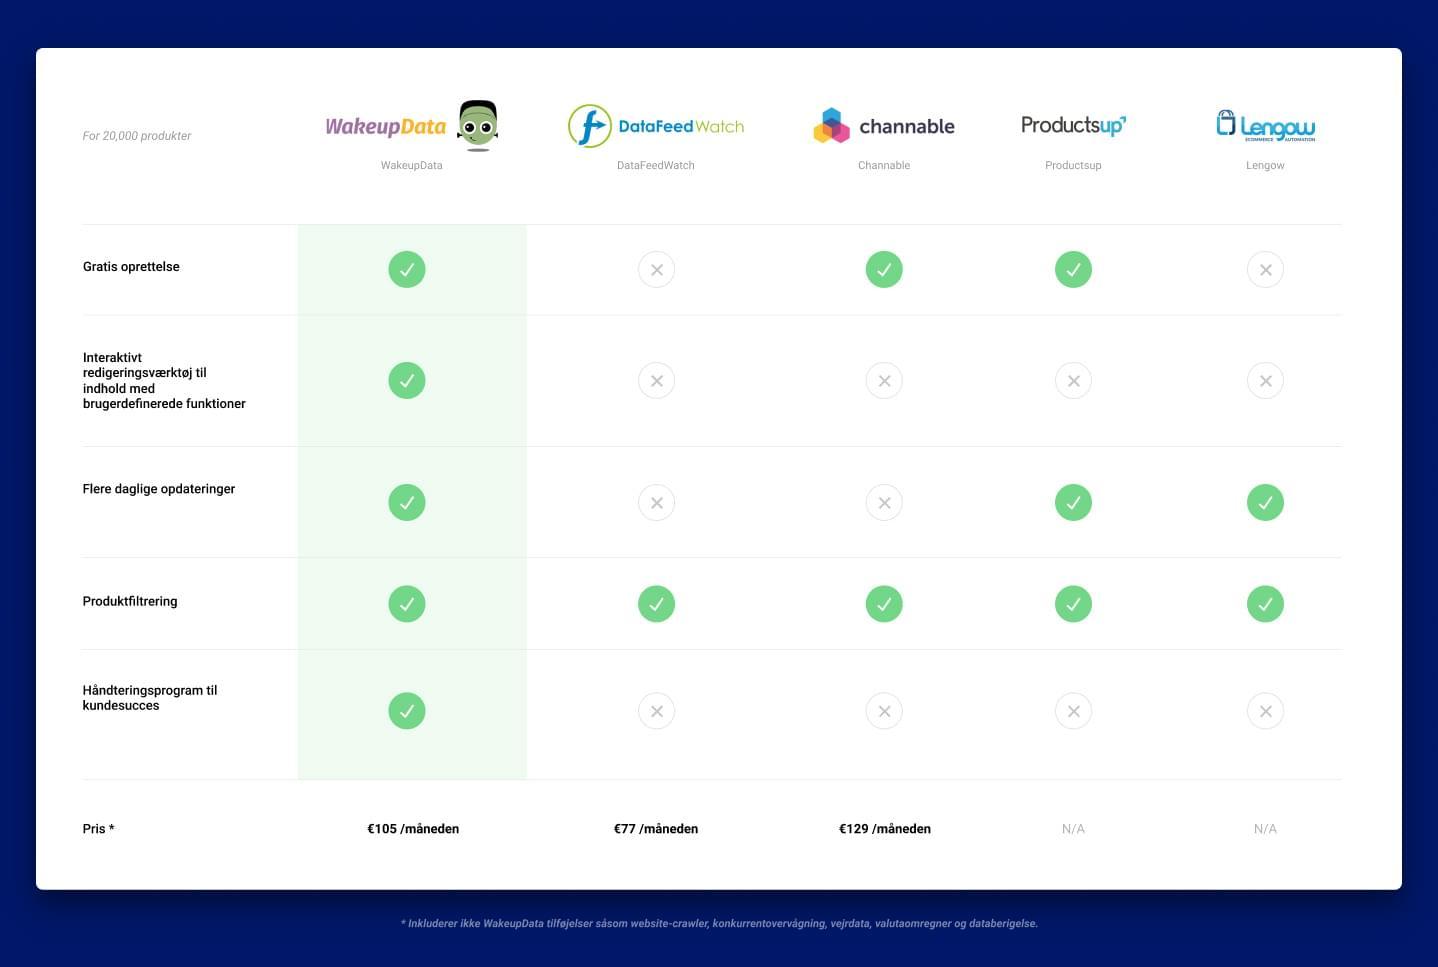 Sammenligningsoversigt over forskellige platforme